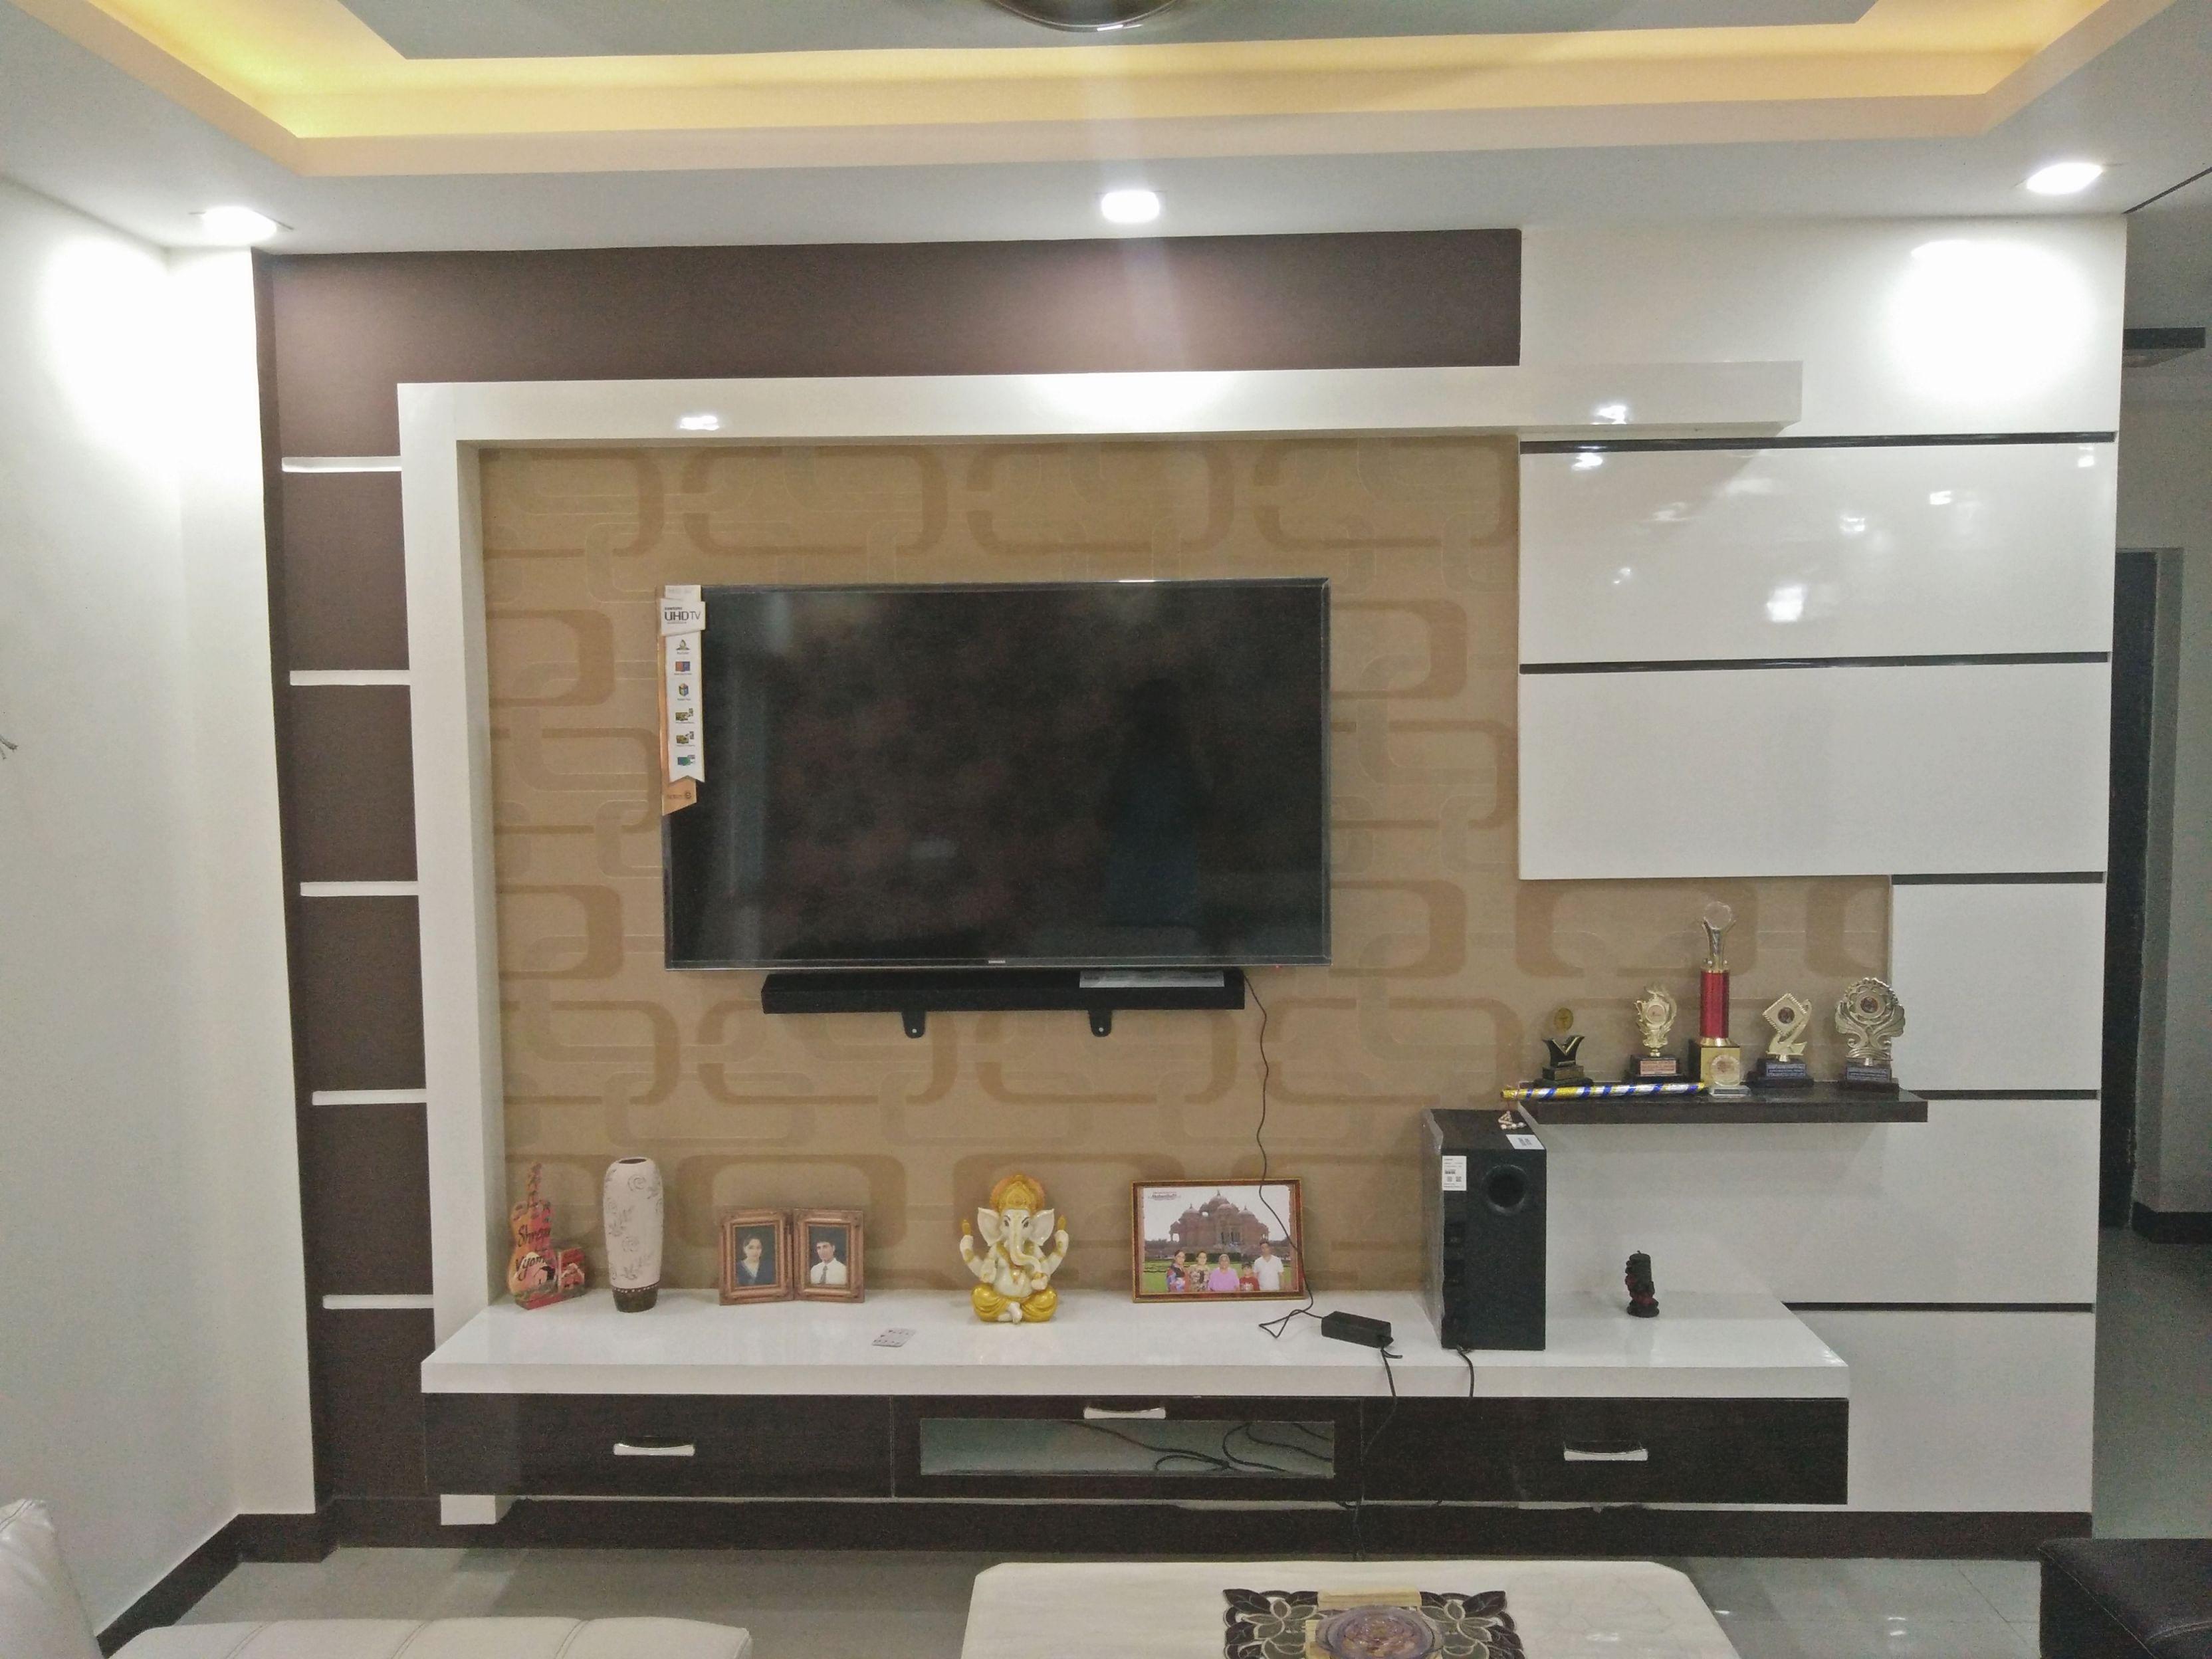 Modern, Stylish, Elegant, Brown-White Tv Unit Design throughout Awesome Stylish Tv Unit